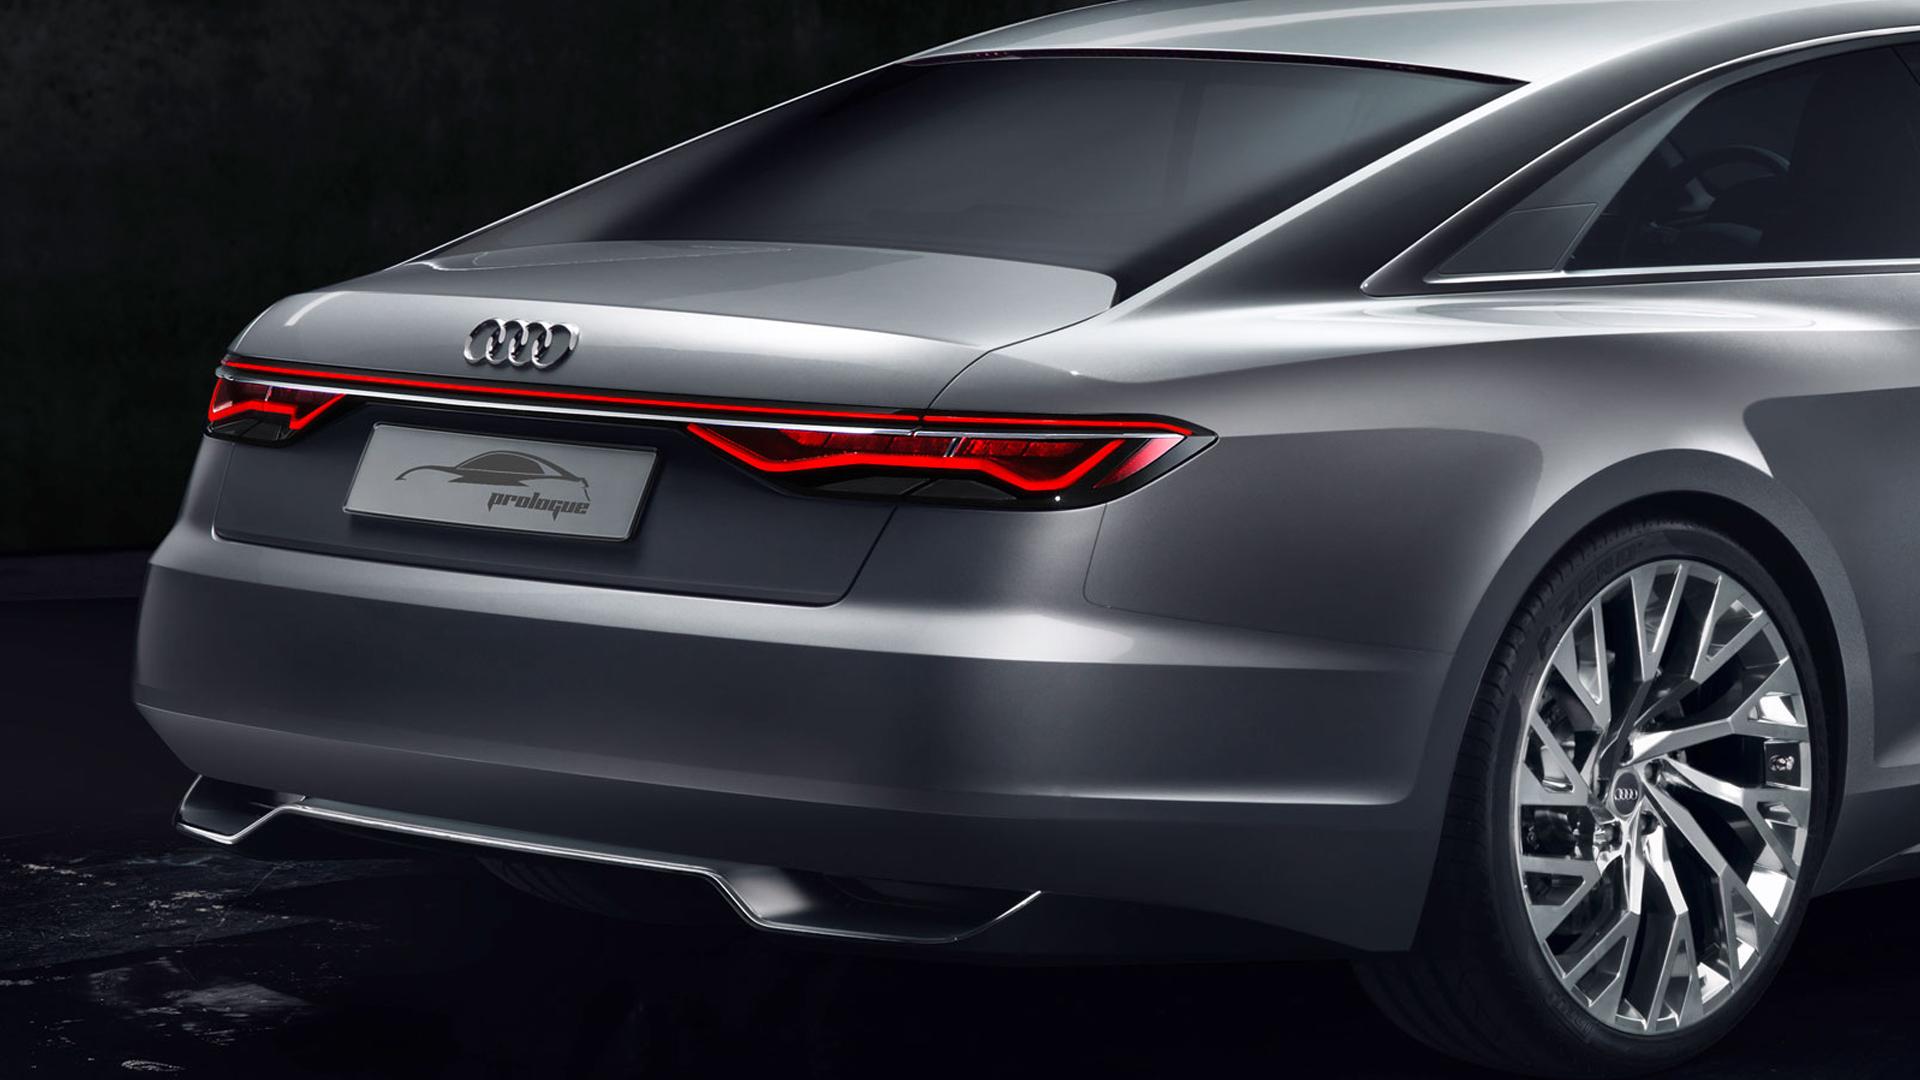 wp_audi_0006_Audi-Prologue-Concept-rear-end-detail